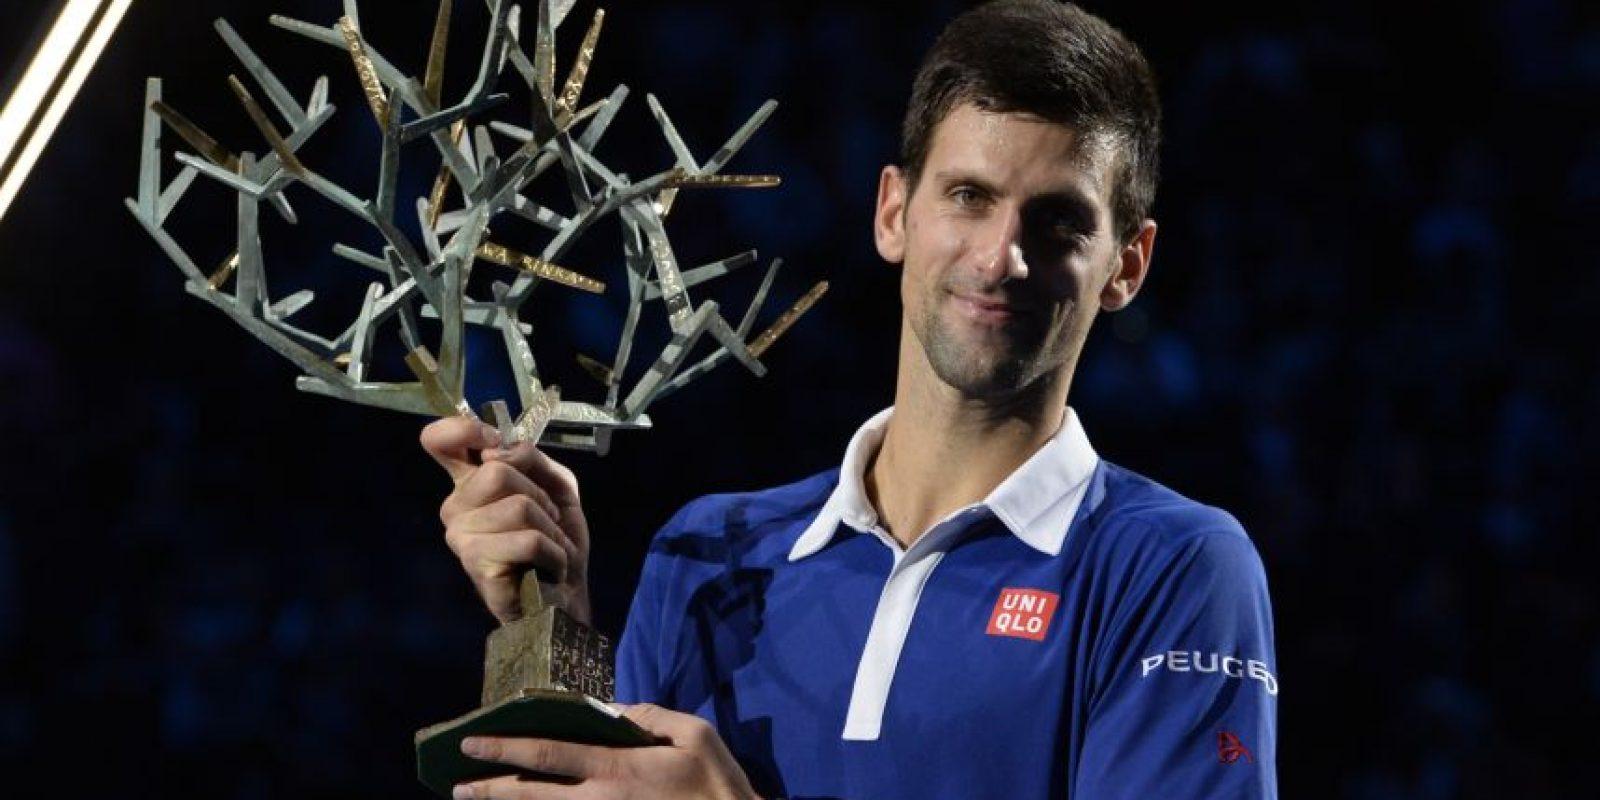 Nole buscará confirmar por qué es el número 1 en el ranking ATP. Foto:AFP